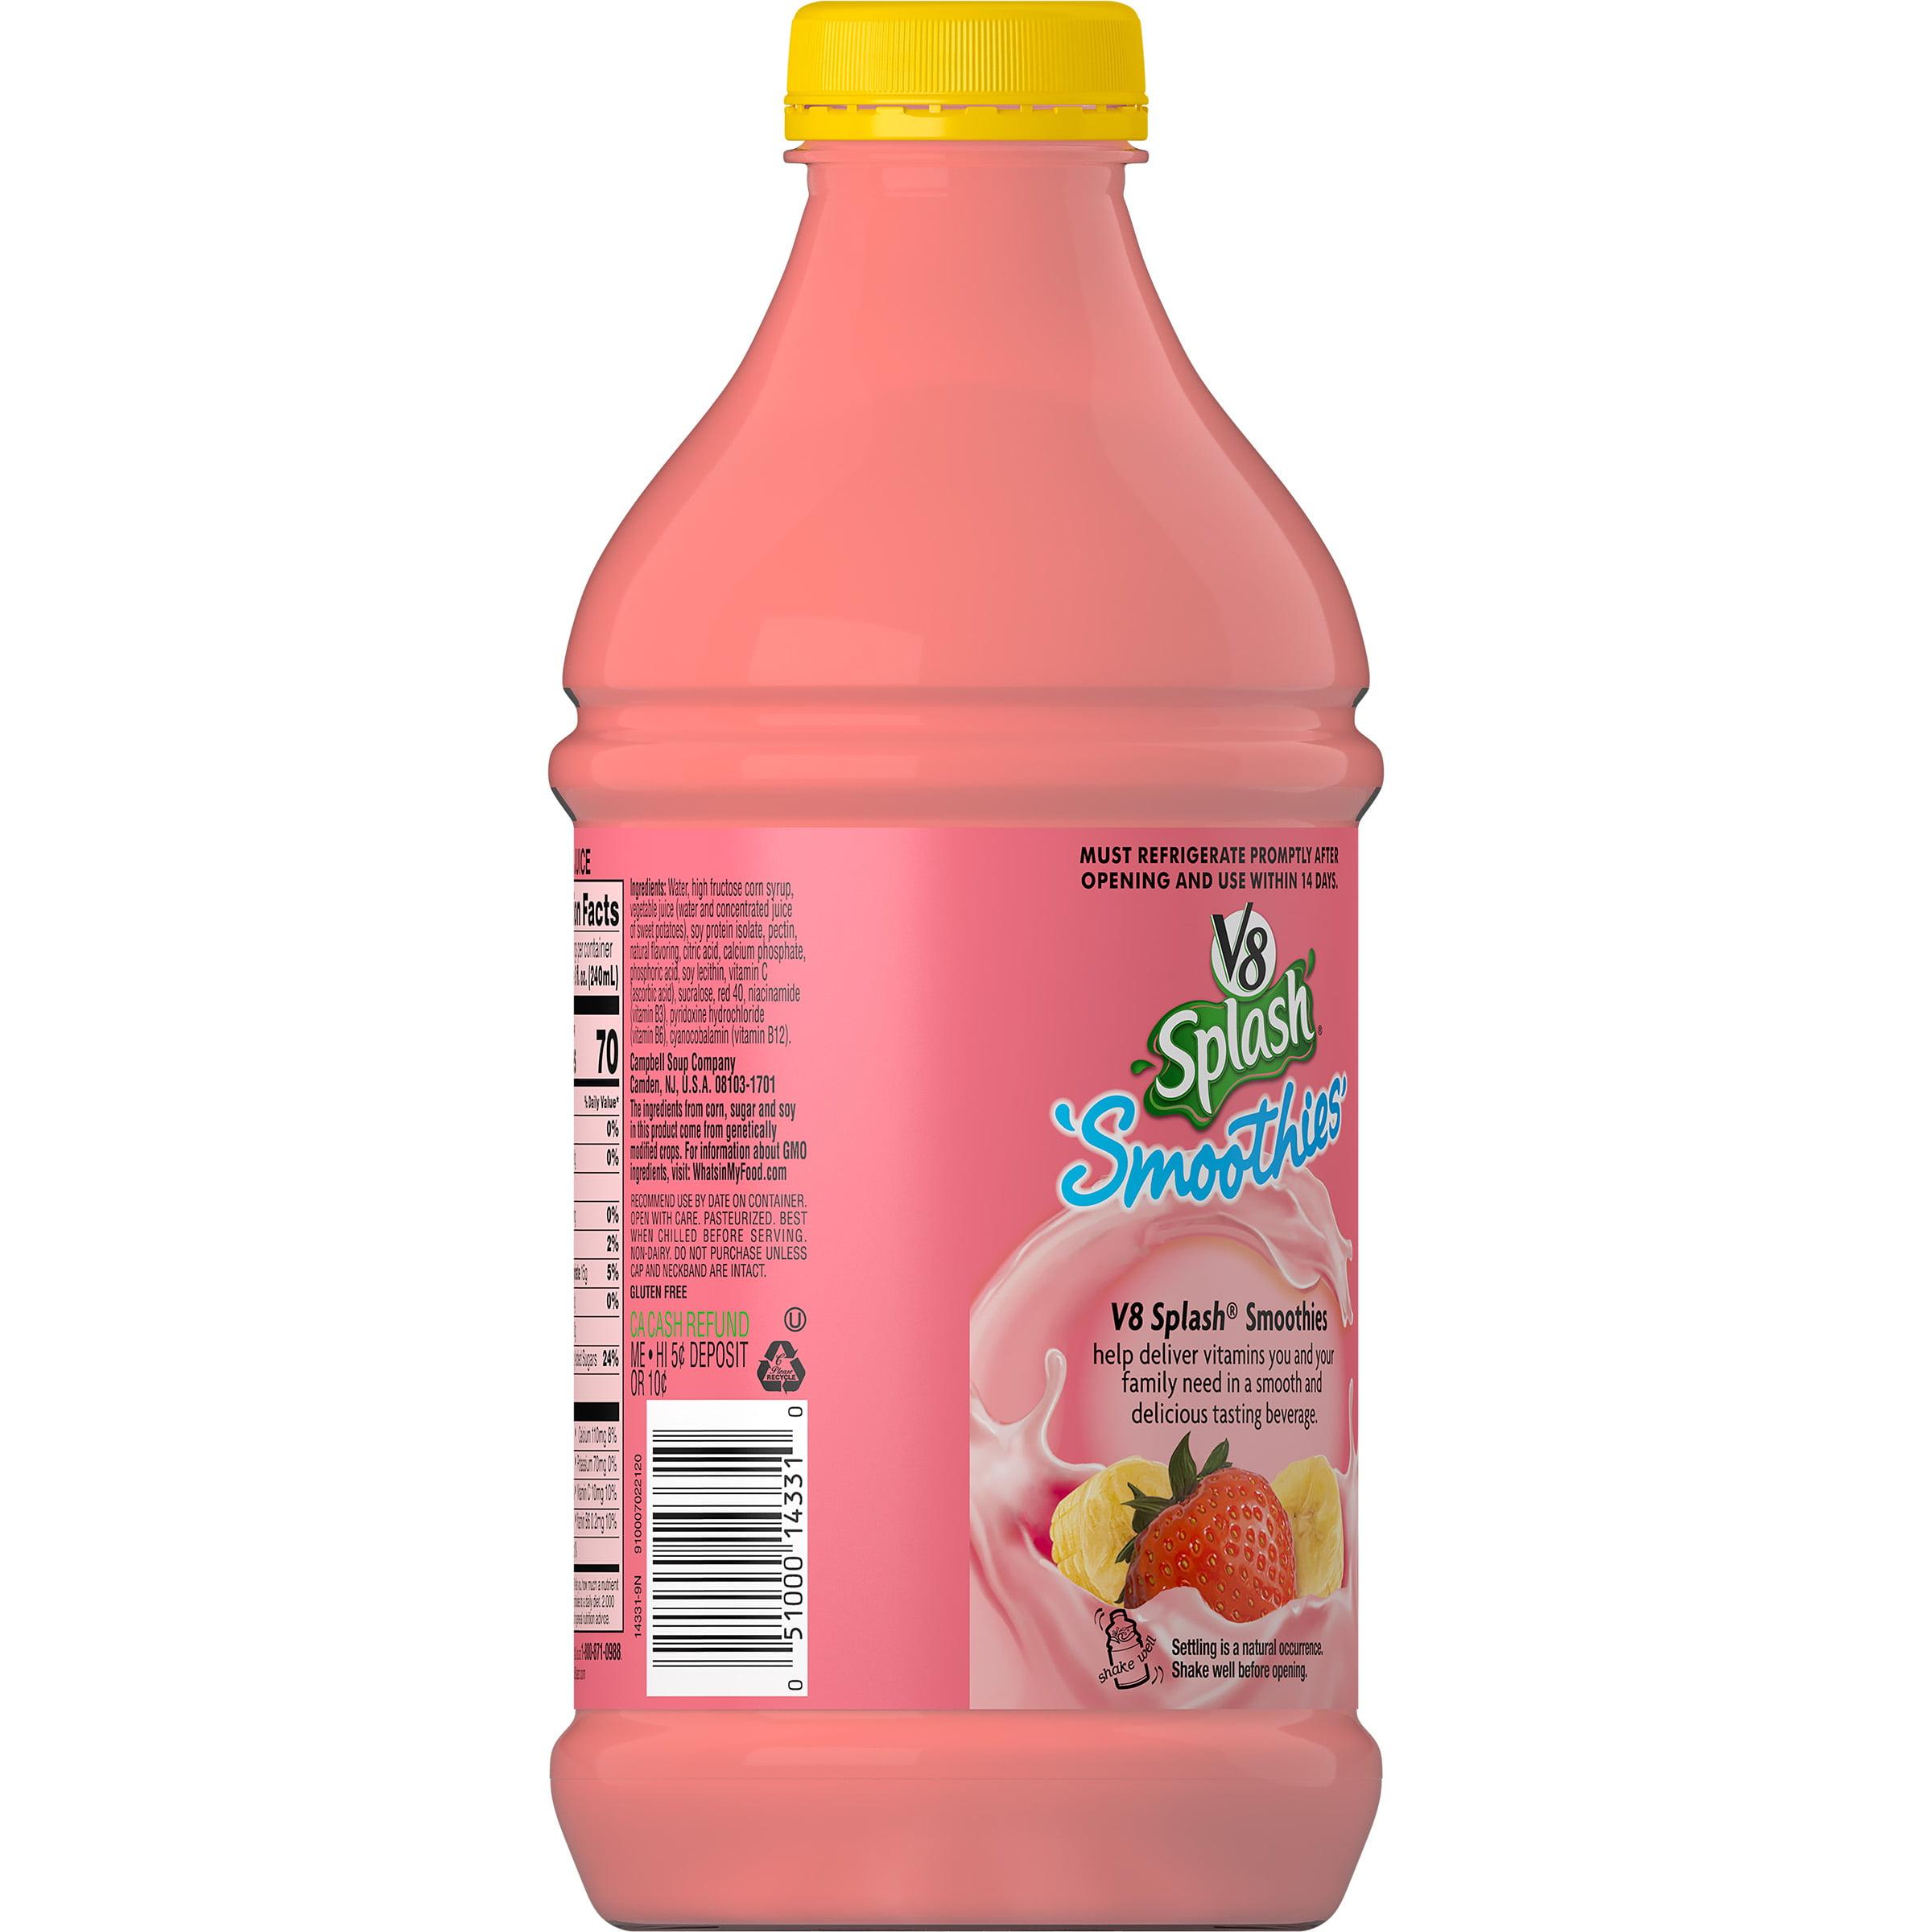 V8 Splash Smoothies Strawberry Banana